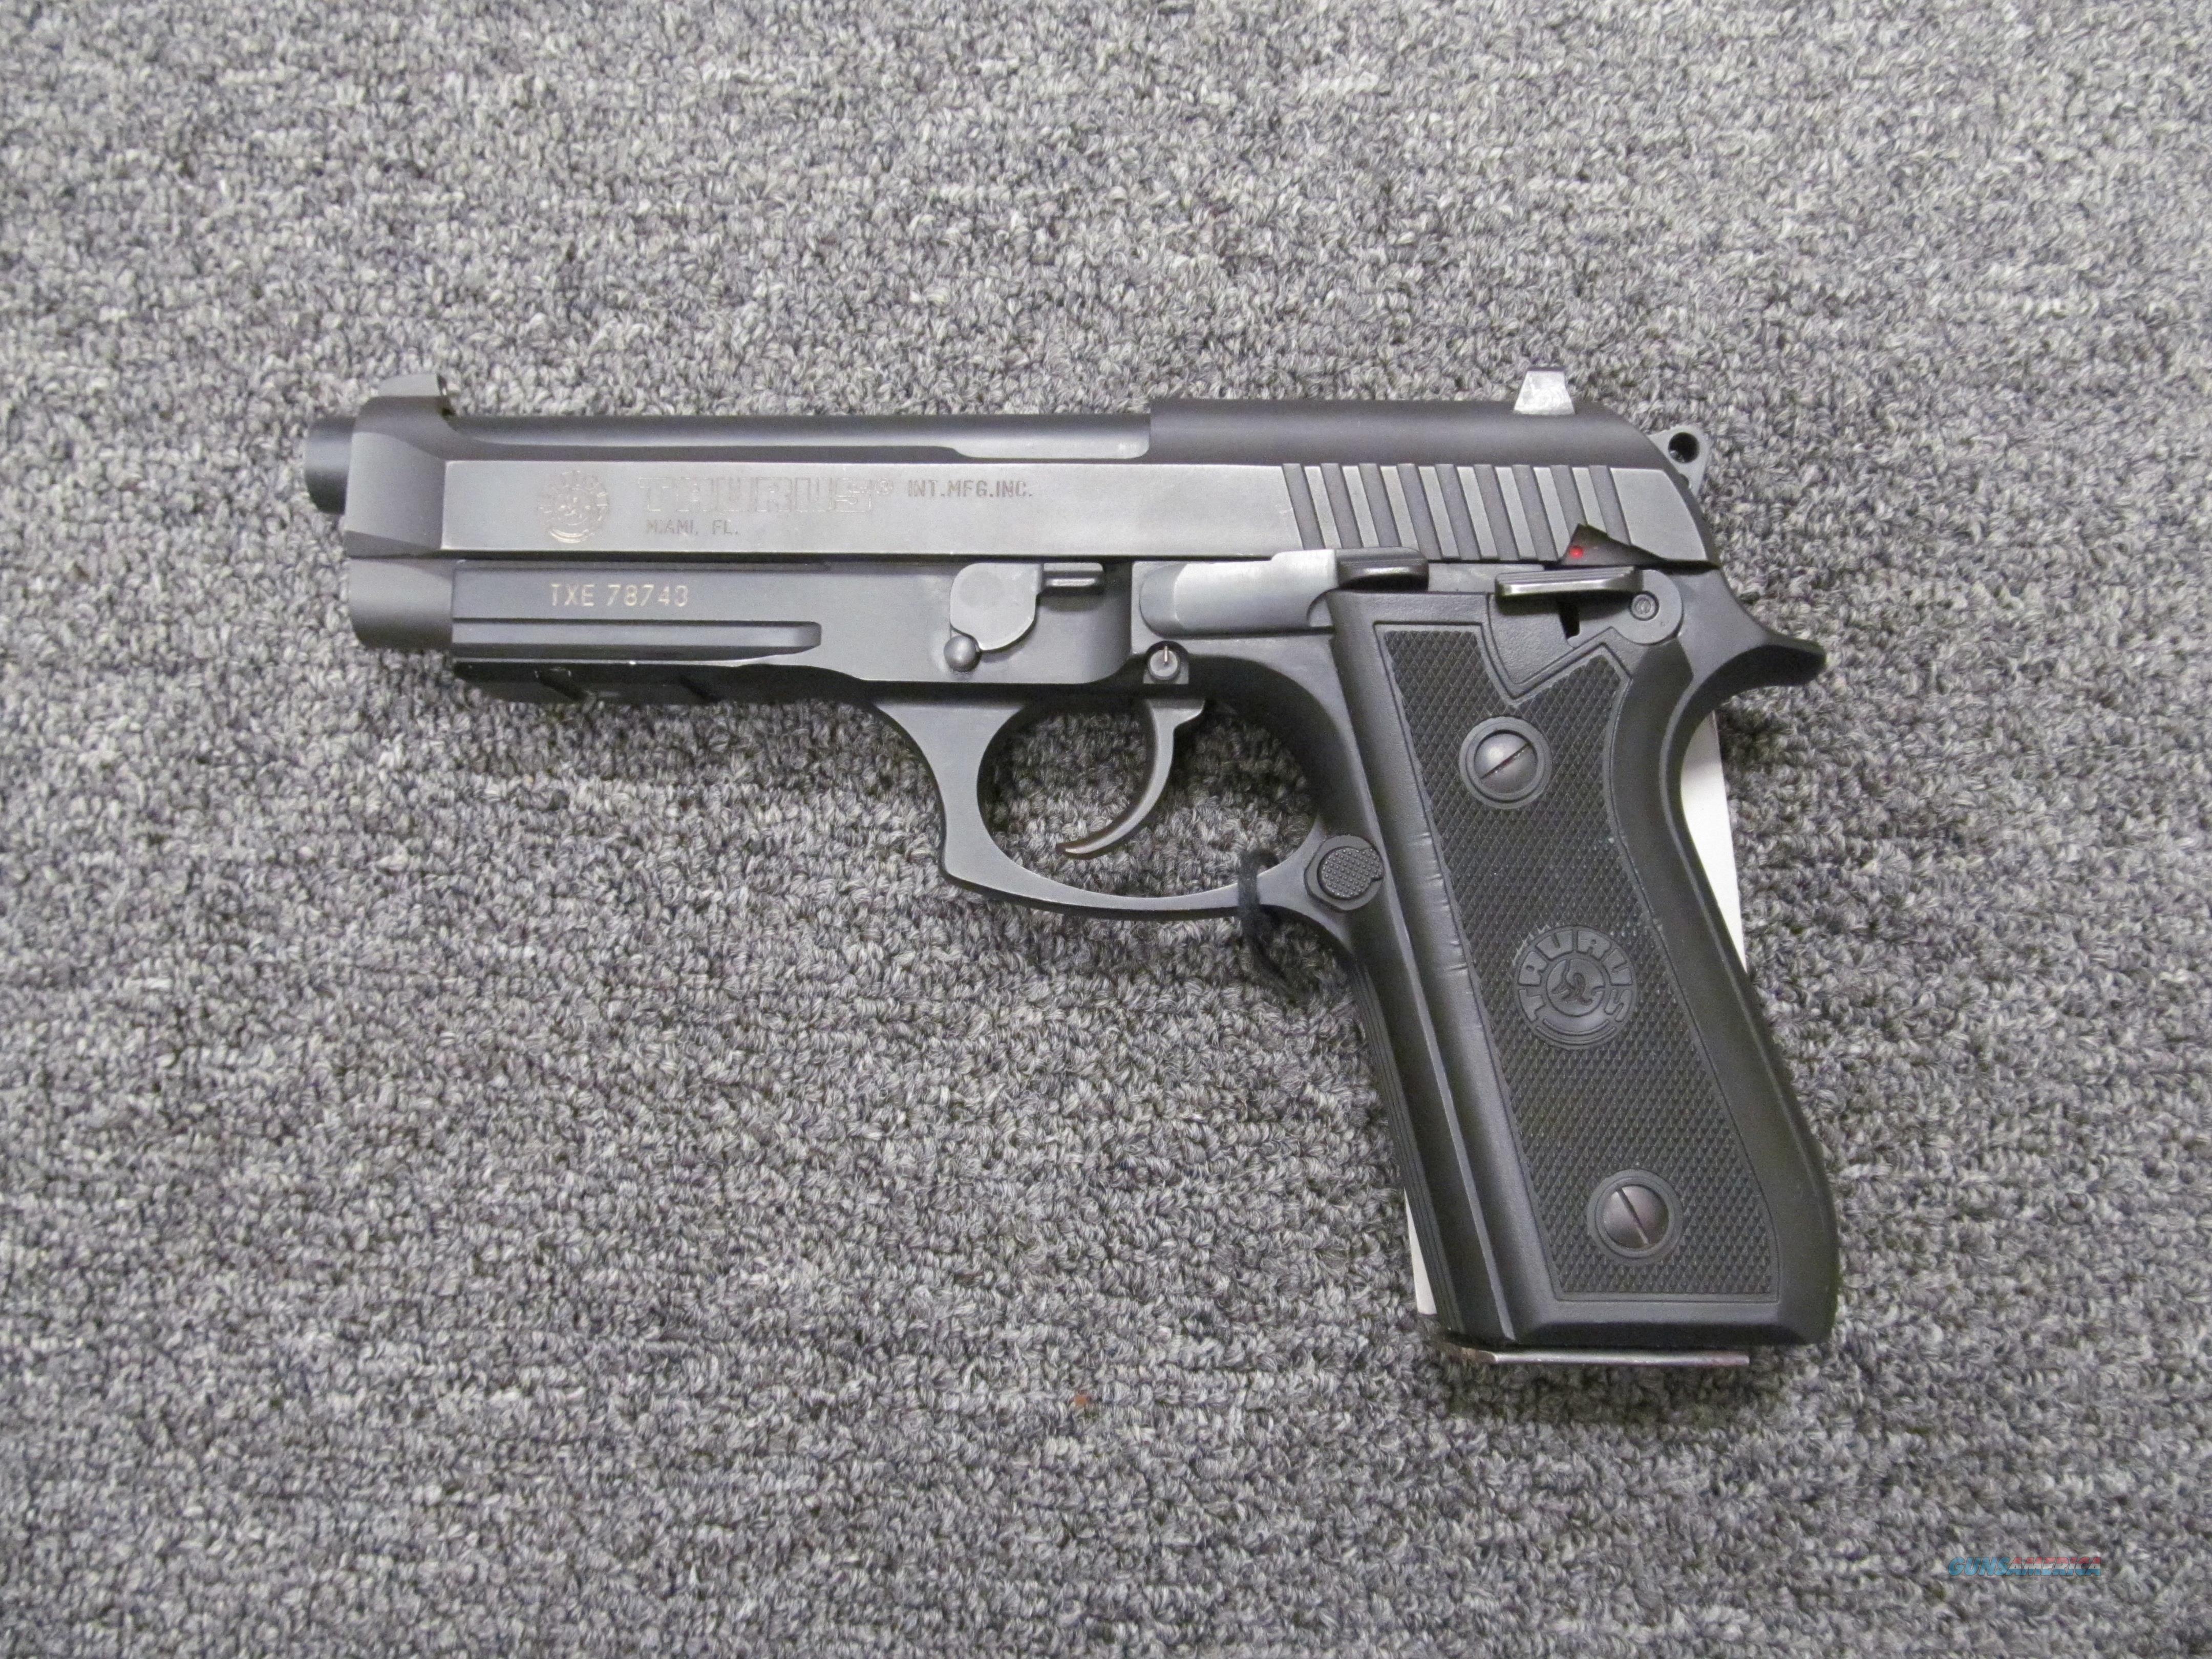 Taurus PT 92 AR  Guns > Pistols > Taurus Pistols > Semi Auto Pistols > Steel Frame